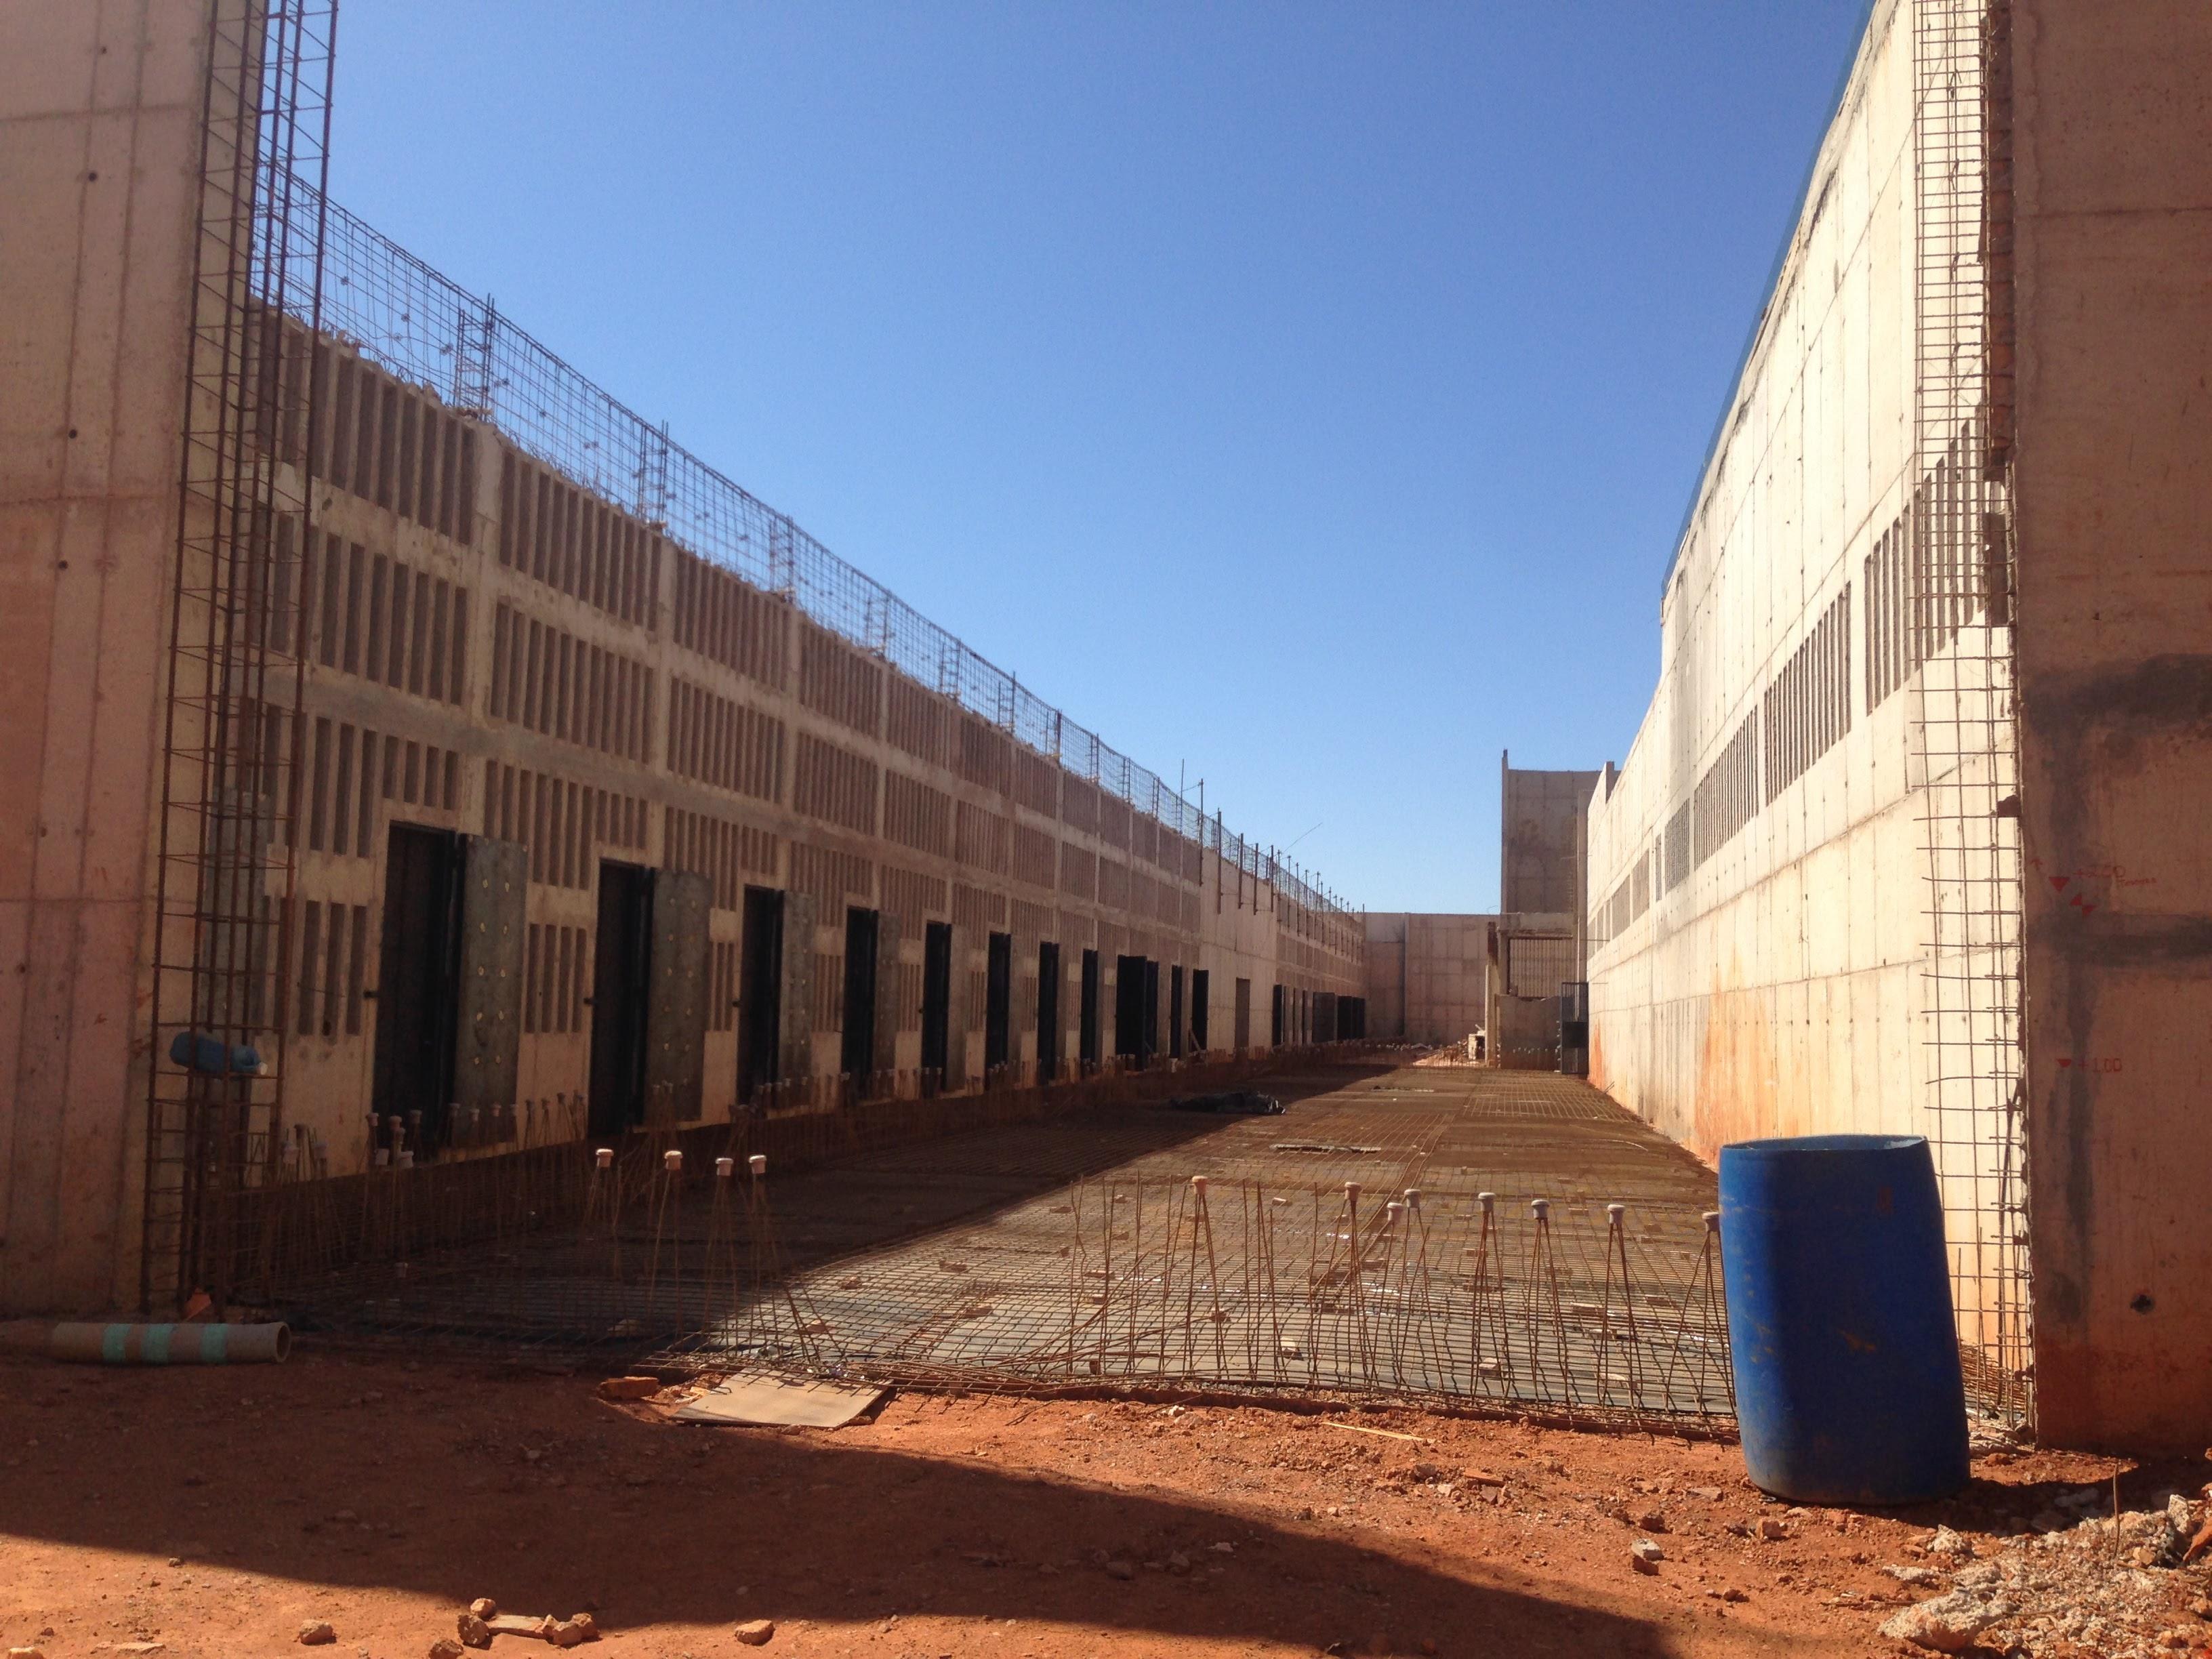 Construção de quatro novos Centros de Detenção Provisória - CDP, localizados no Complexo Penitenciário da Papuda, Rodovia DF - 465, KM 04, Fazenda Papuda, em fase de contratação para a retomada da obra. Obras de construção paralisadas em razão de rescisão contratual. A unidade prisional é composta por 16 módulos de vivência, dois módulos de administração e dois módulos de saúde, com capacidade de atendimento a 3.200 internos do sistema penitenciário.